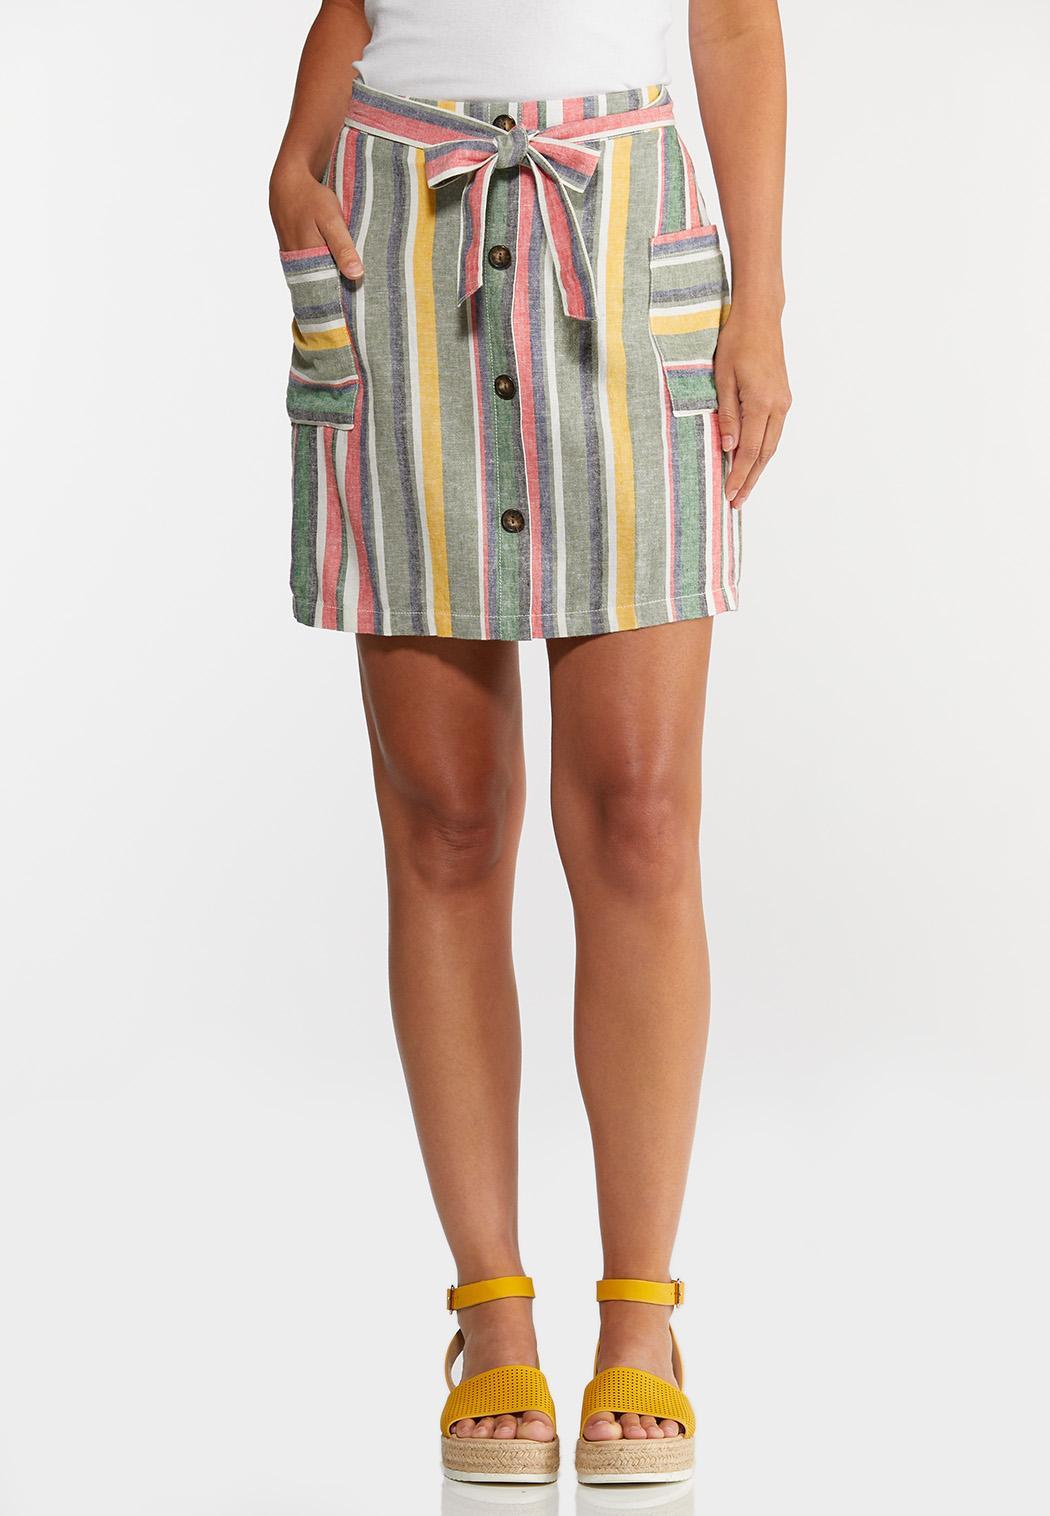 Striped Side Pocket Skirt